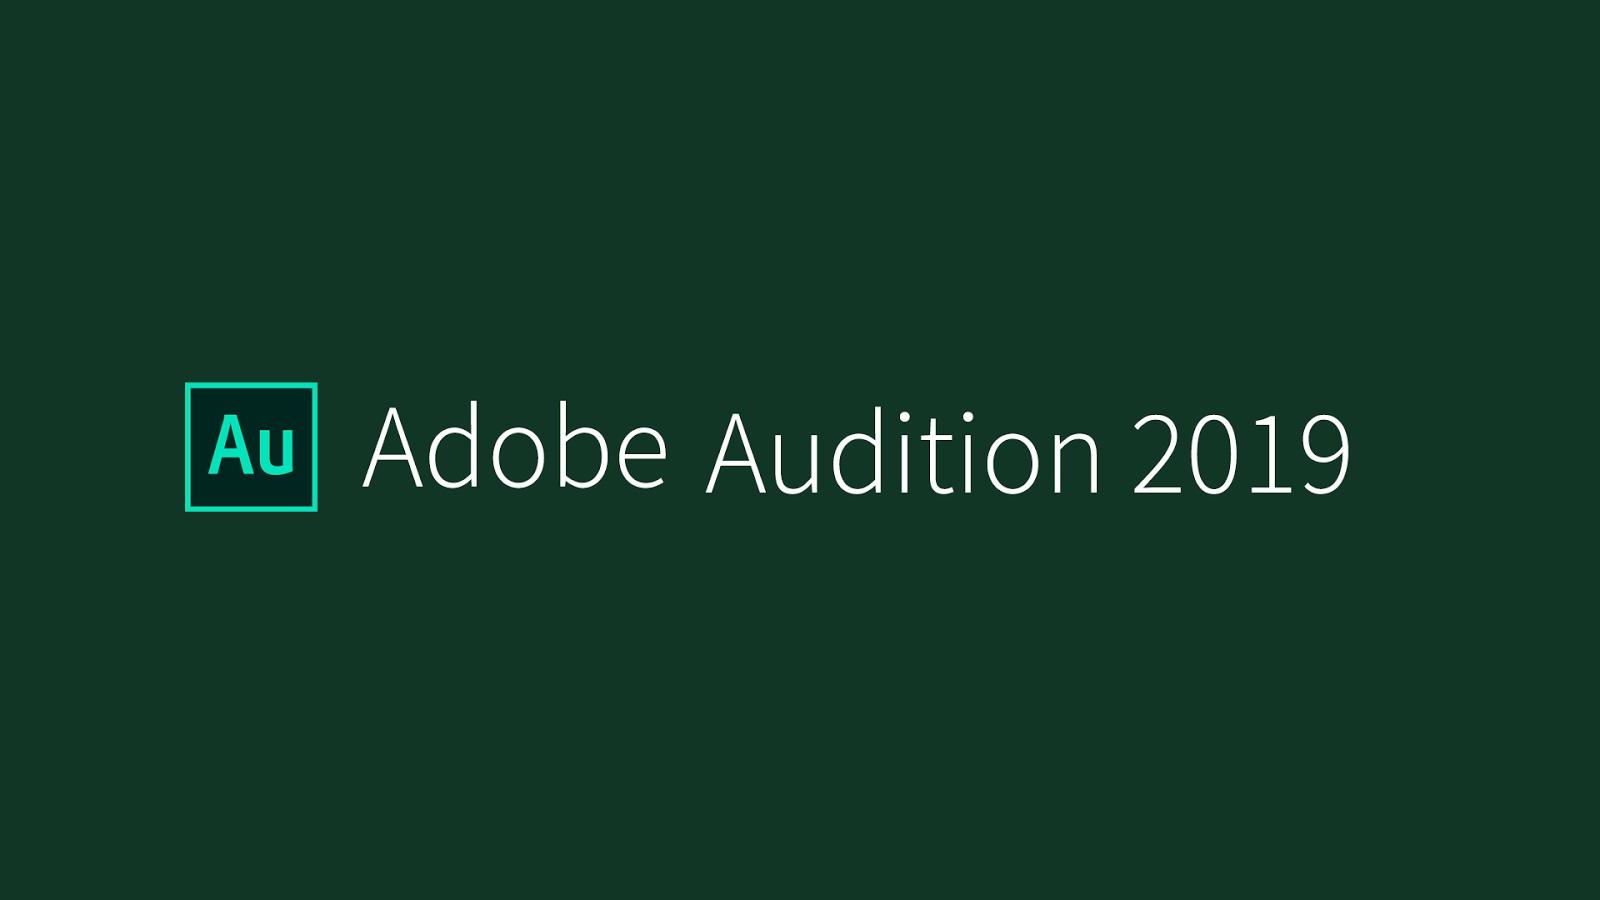 Hướng dẫn cài đặt Adobe Audition CC 2019 Full Active mới nhất